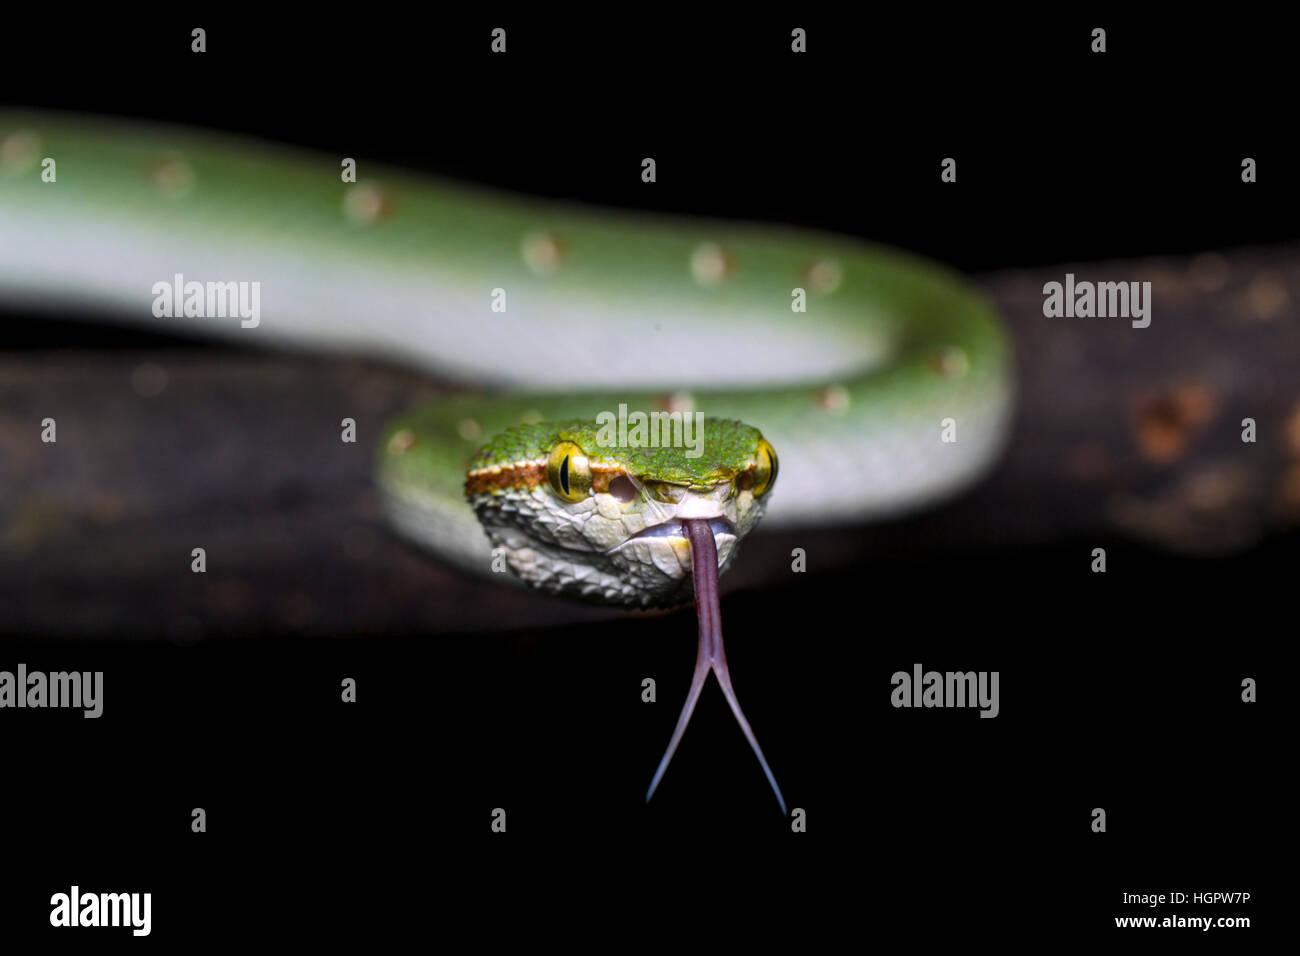 Wagler's Pit Viper (Tropidolaemus wagleri) échantillonnage des particules d'air avec une langue fourchue Photo Stock